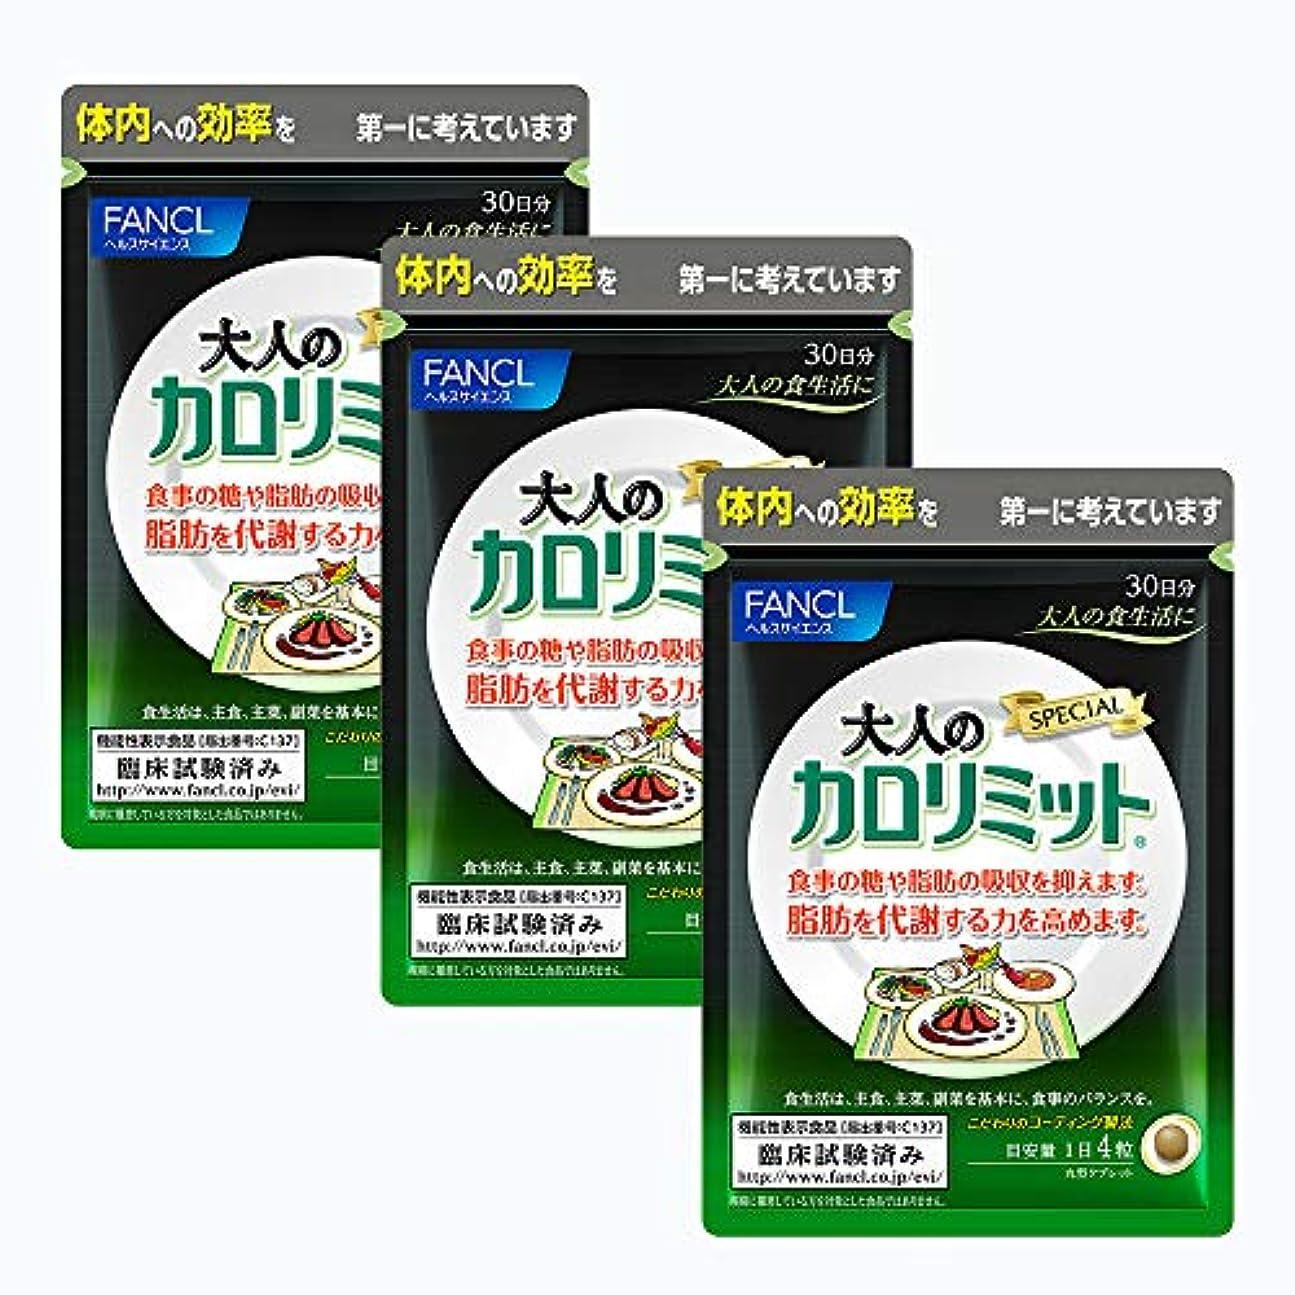 浸食司令官悪化するファンケル (FANCL) 大人のカロリミット 徳用3袋セット (約90日分) [機能性表示食品]